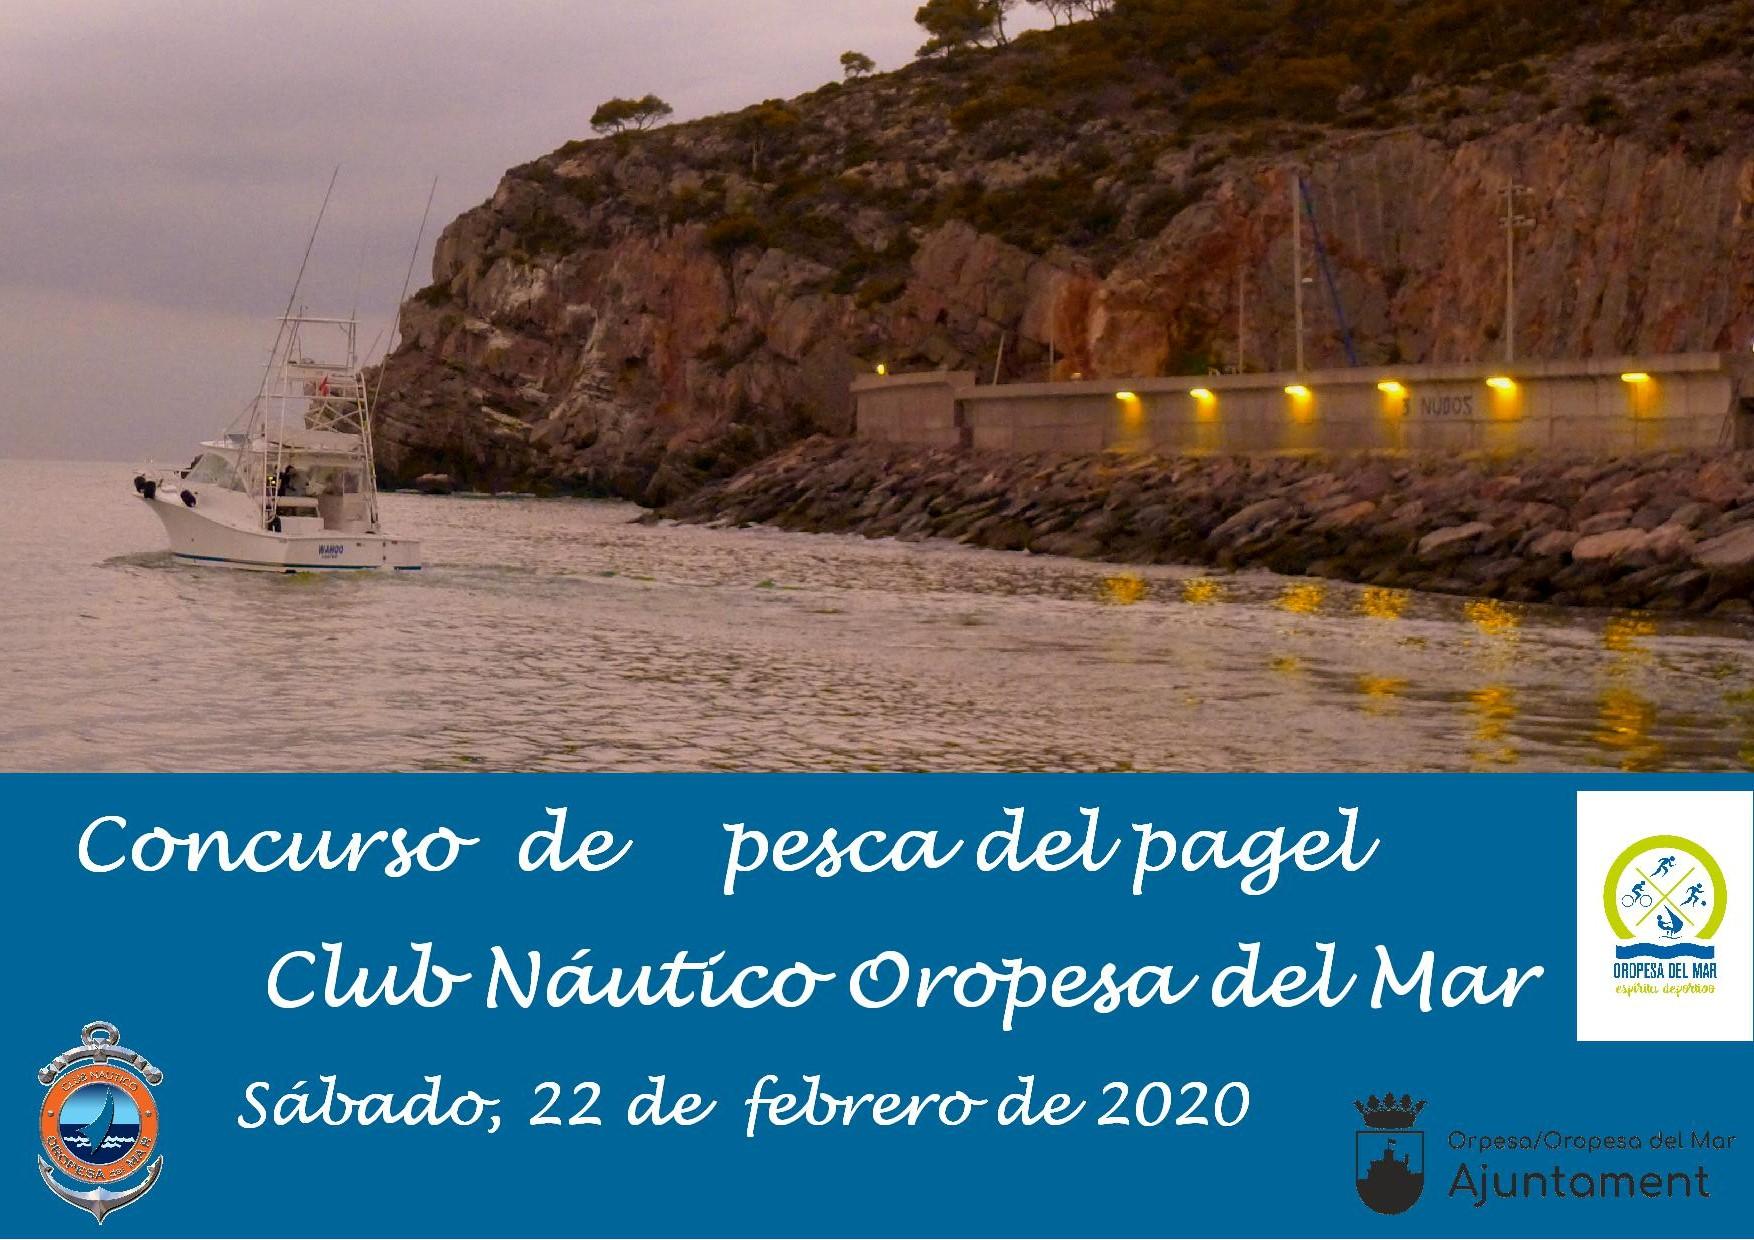 pescapagel2020 - Clasificaciones concurso pesca al pagel